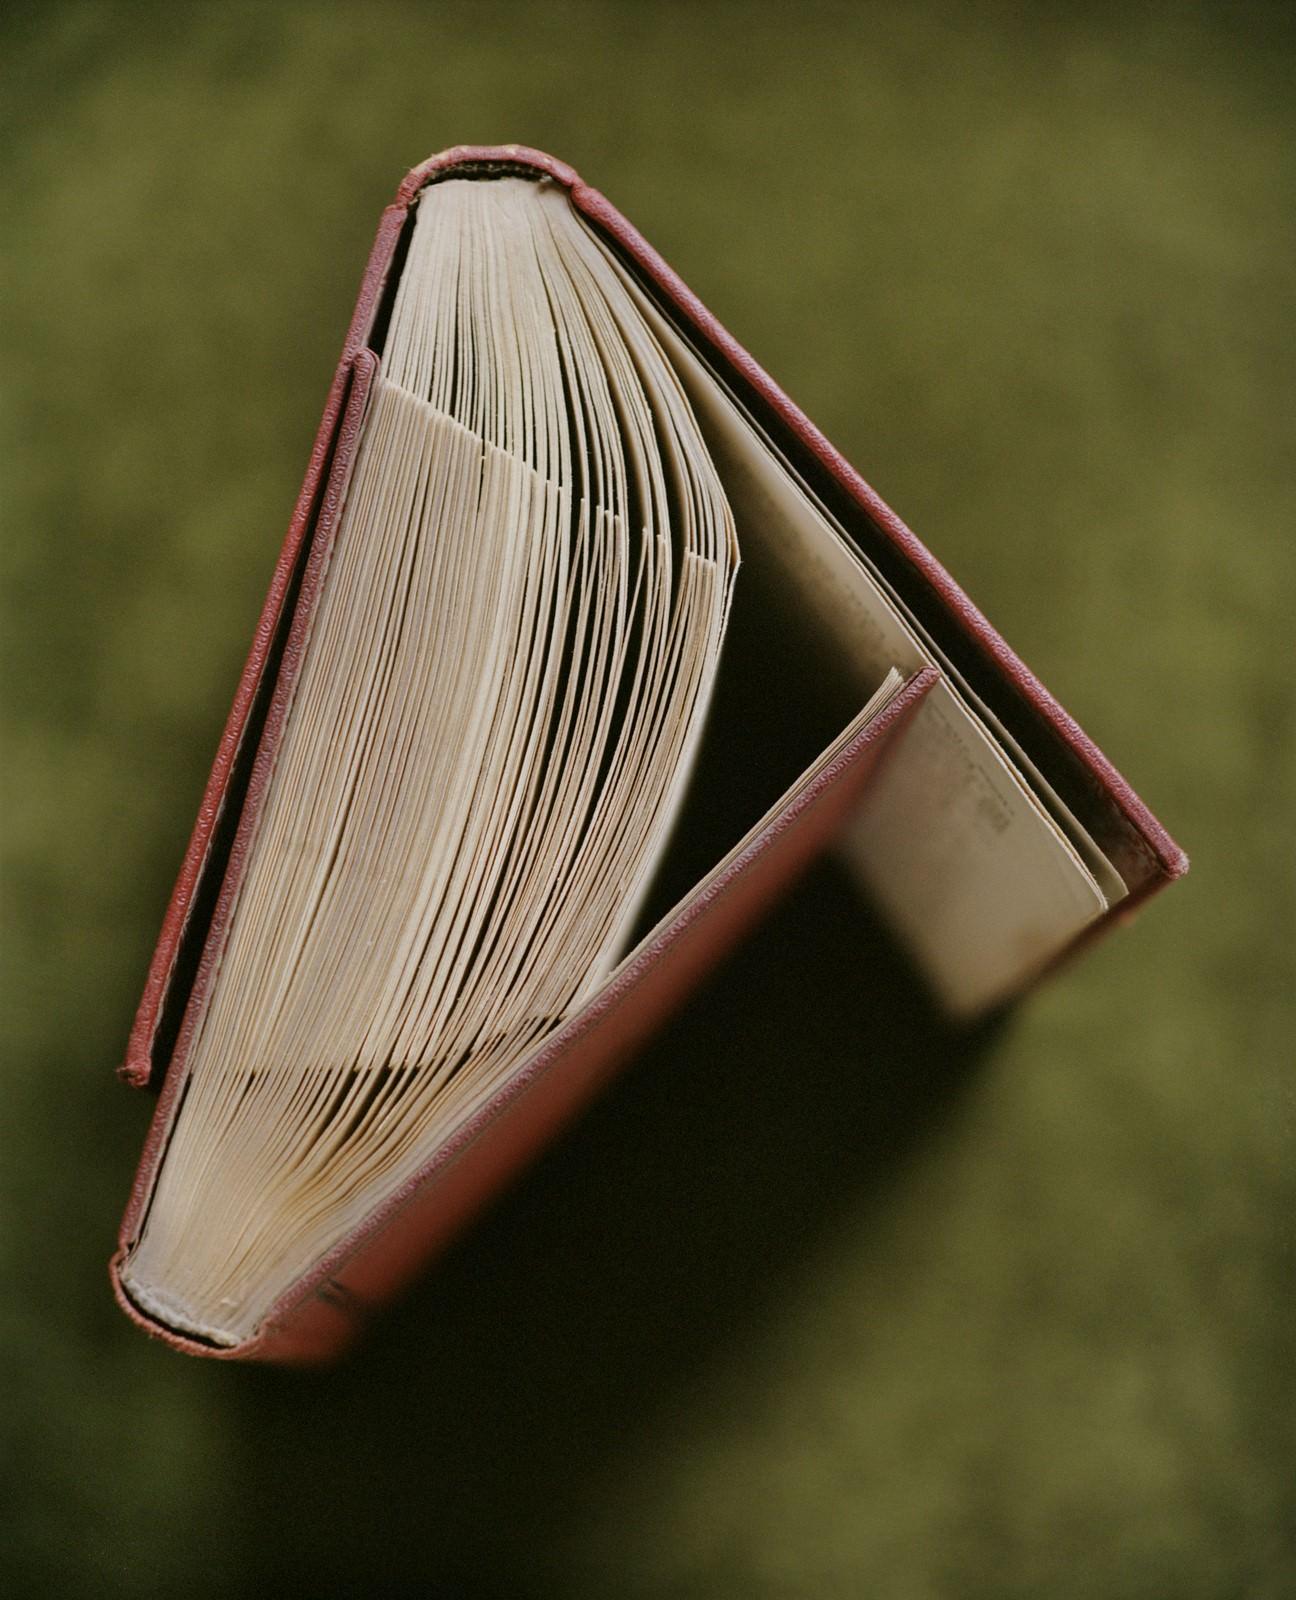 Booklove nr.1 2014 ., Részlet a Bird, Bald, Book, Bubble, Bucket, Brick, Potato sorozatból,  100x118,74cm